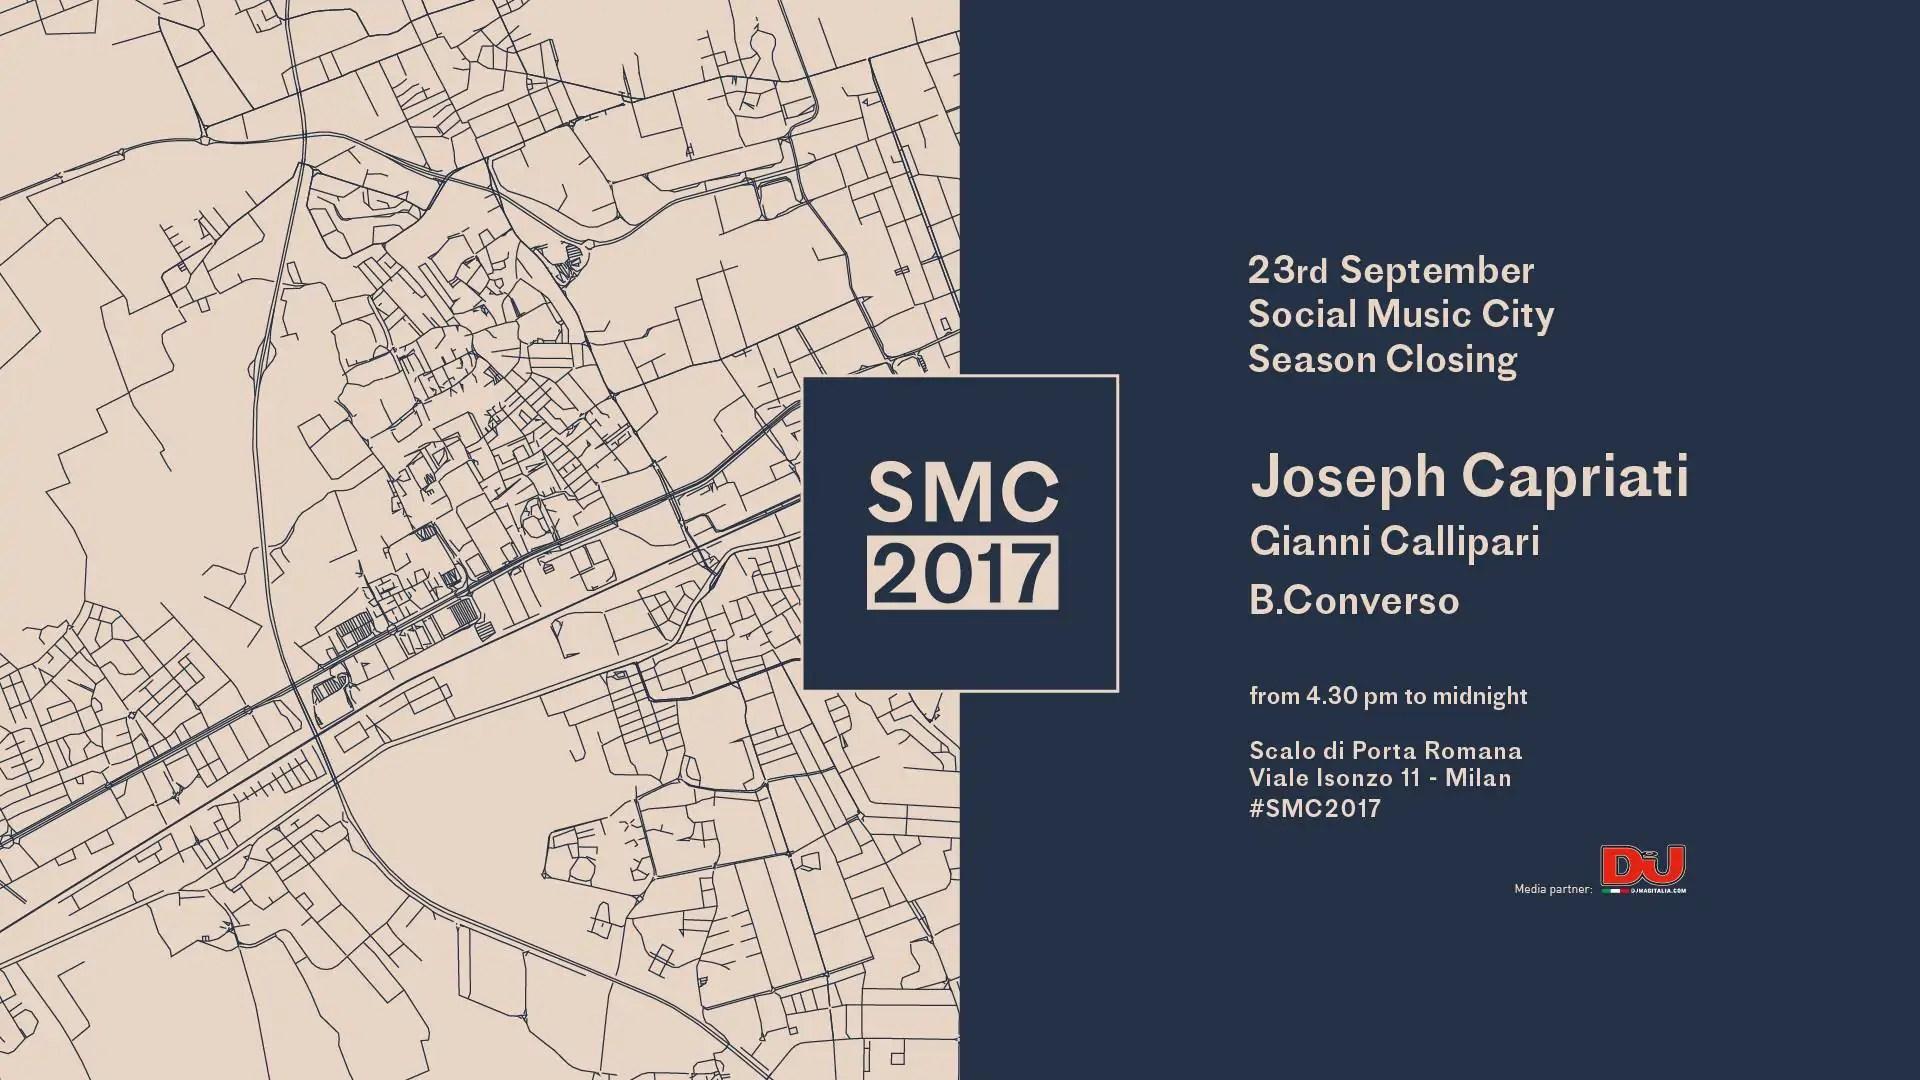 Joseph Capriati at SOCIAL MUSIC CITY Sabato 23 09 2017 MILANO Prezzi Ticket Biglietti Liste Tavoli Pacchetti Hotel Bus